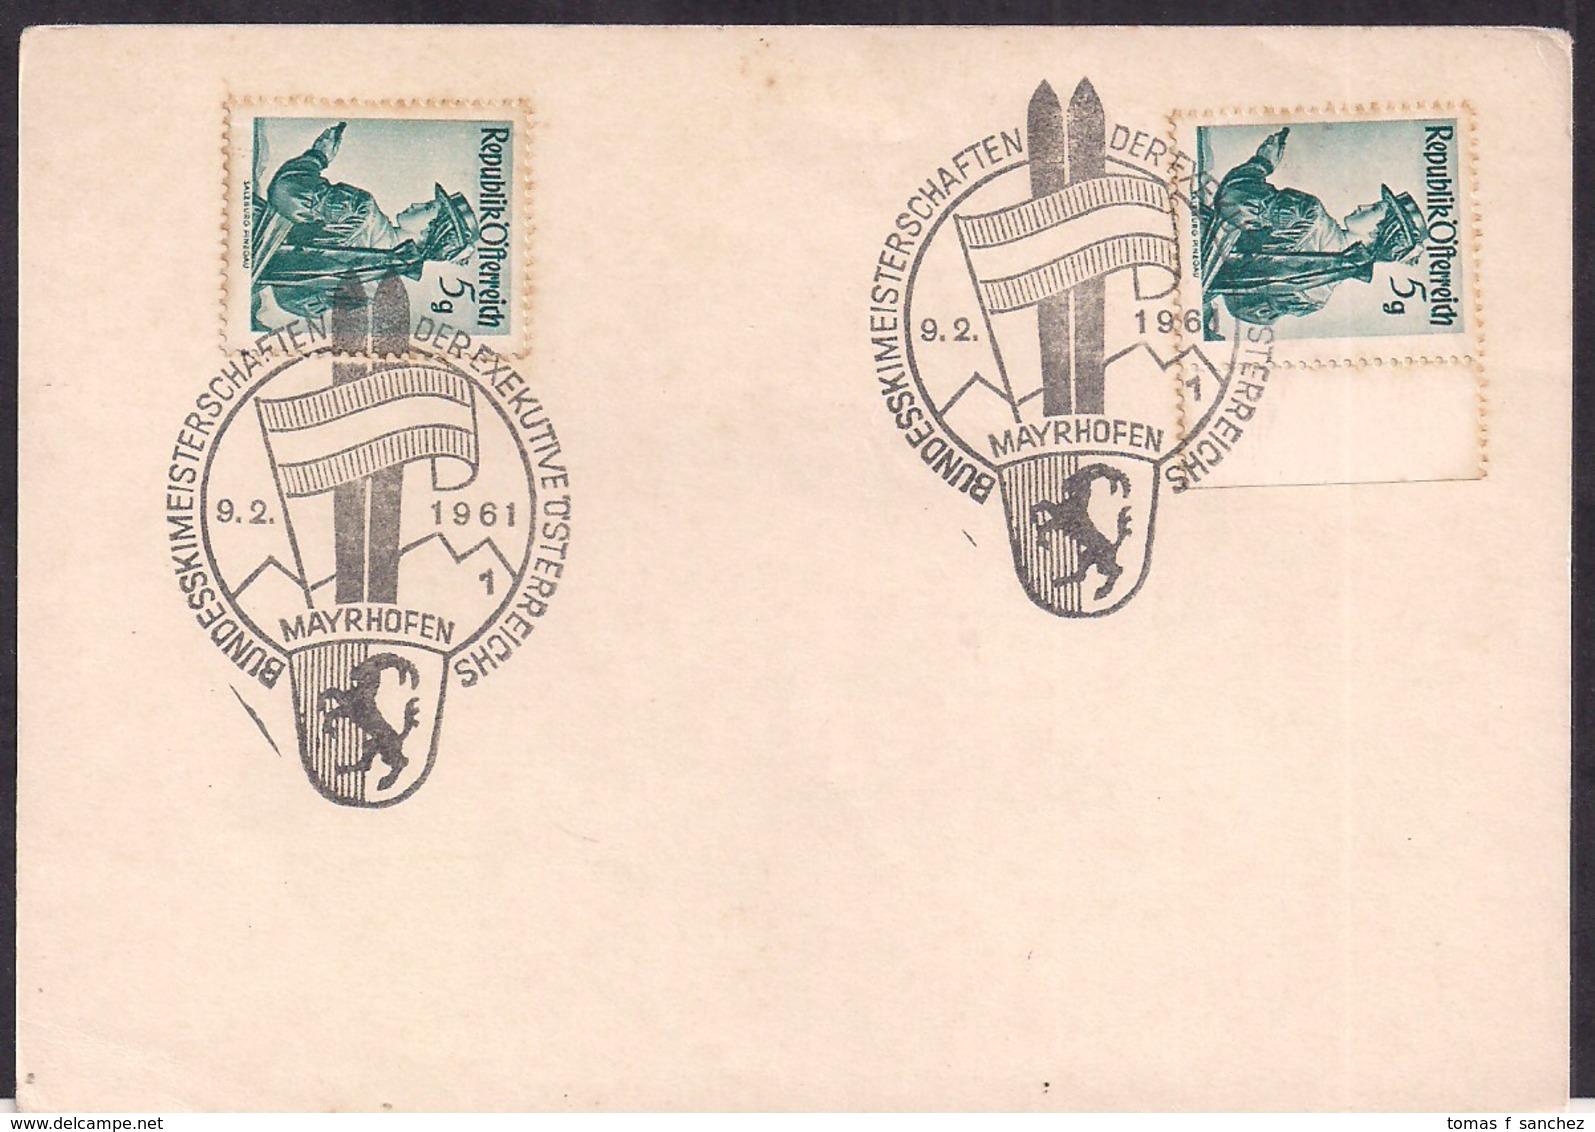 Österreich - 1961 - Sonderstempel - Bundesskimeisterschaften Der Exekutive Österreichs - 1961-70 Briefe U. Dokumente